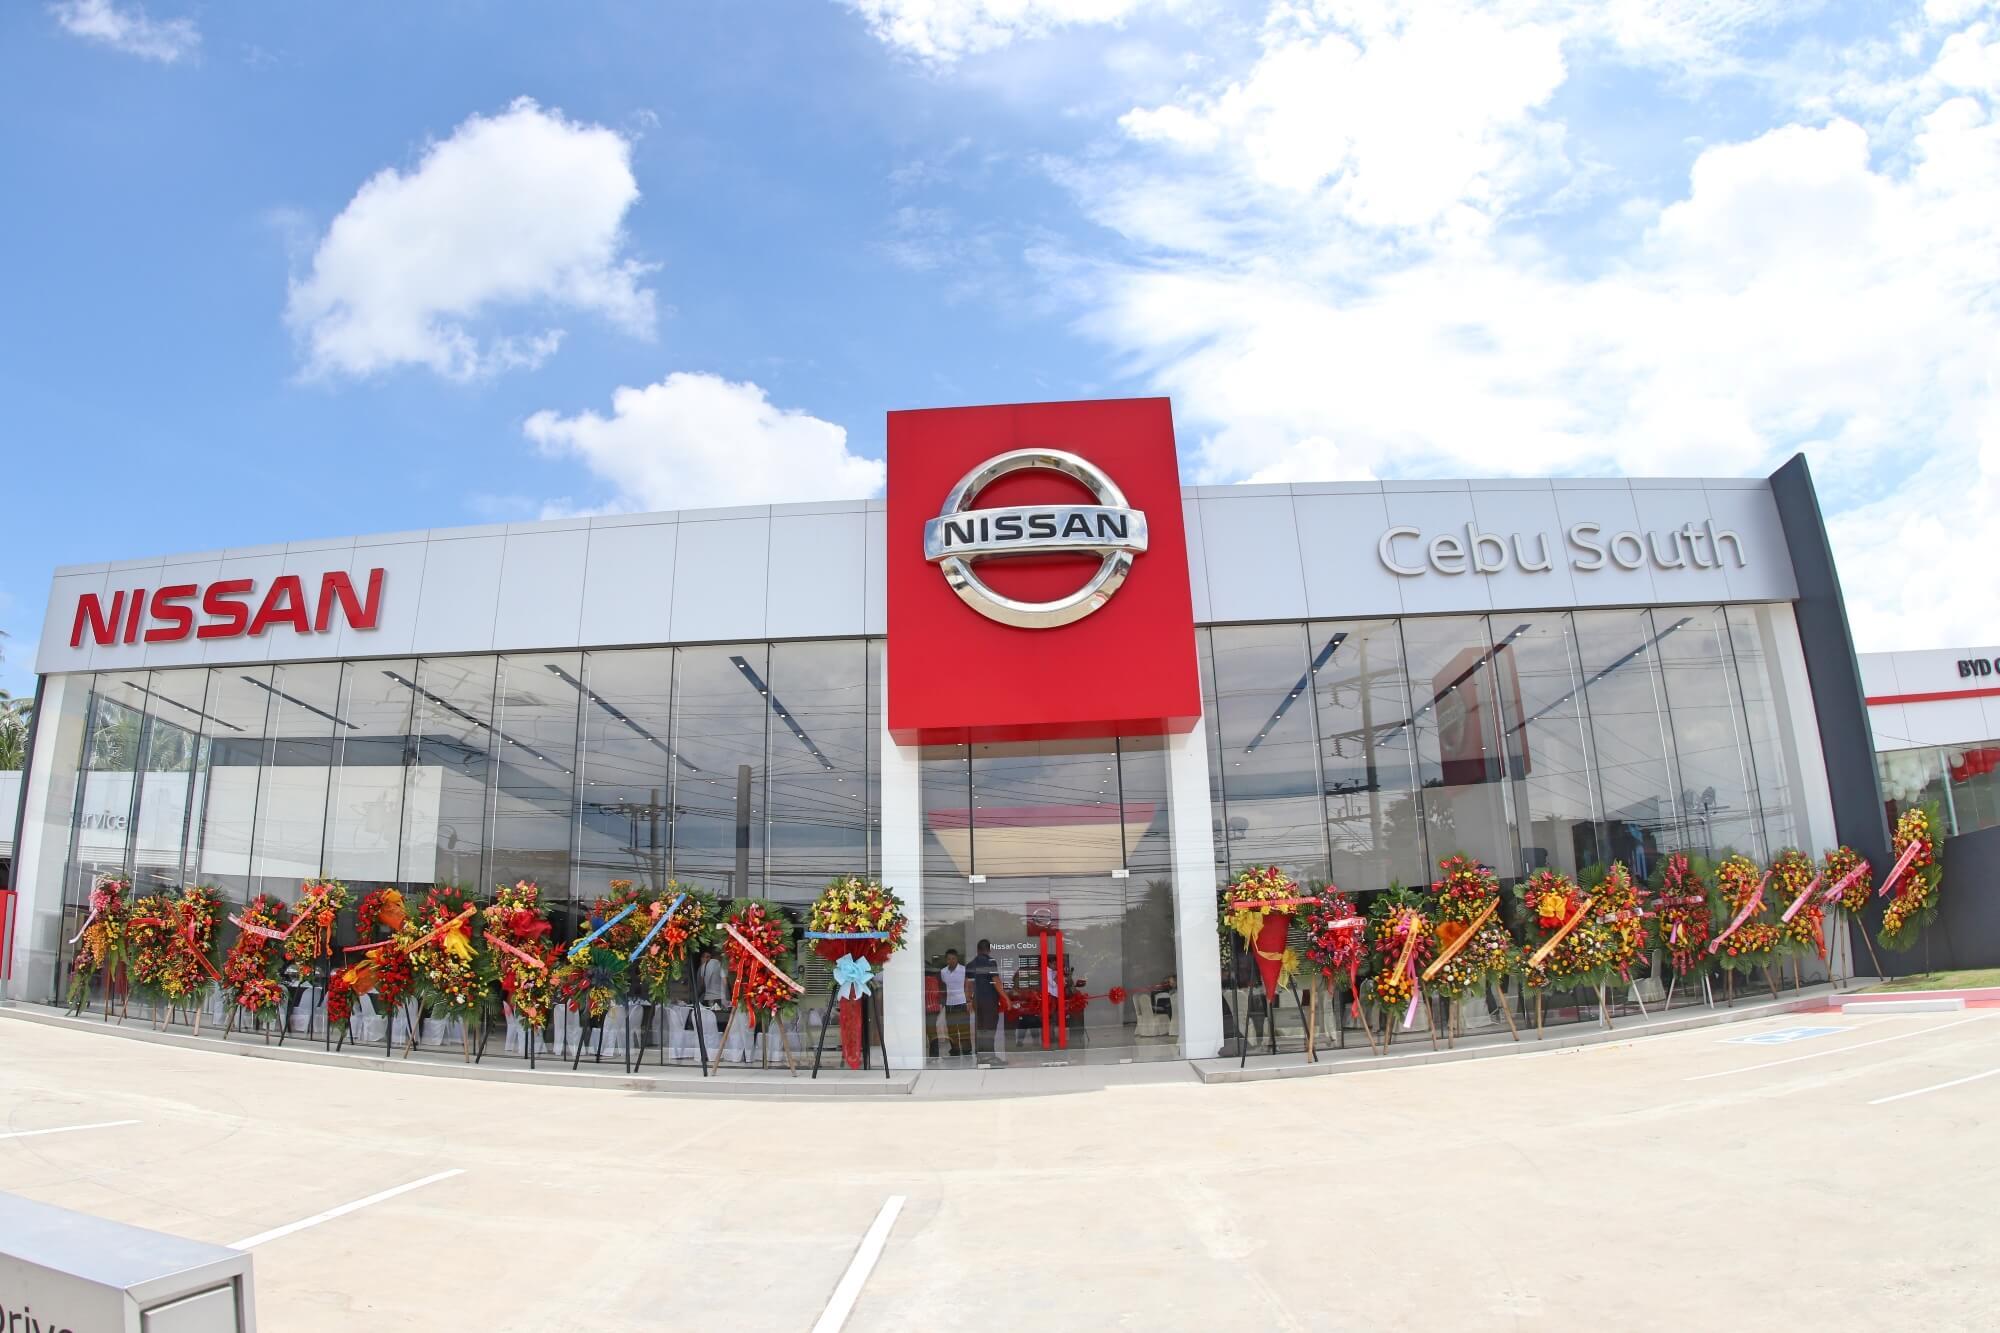 Nissan Cebu South